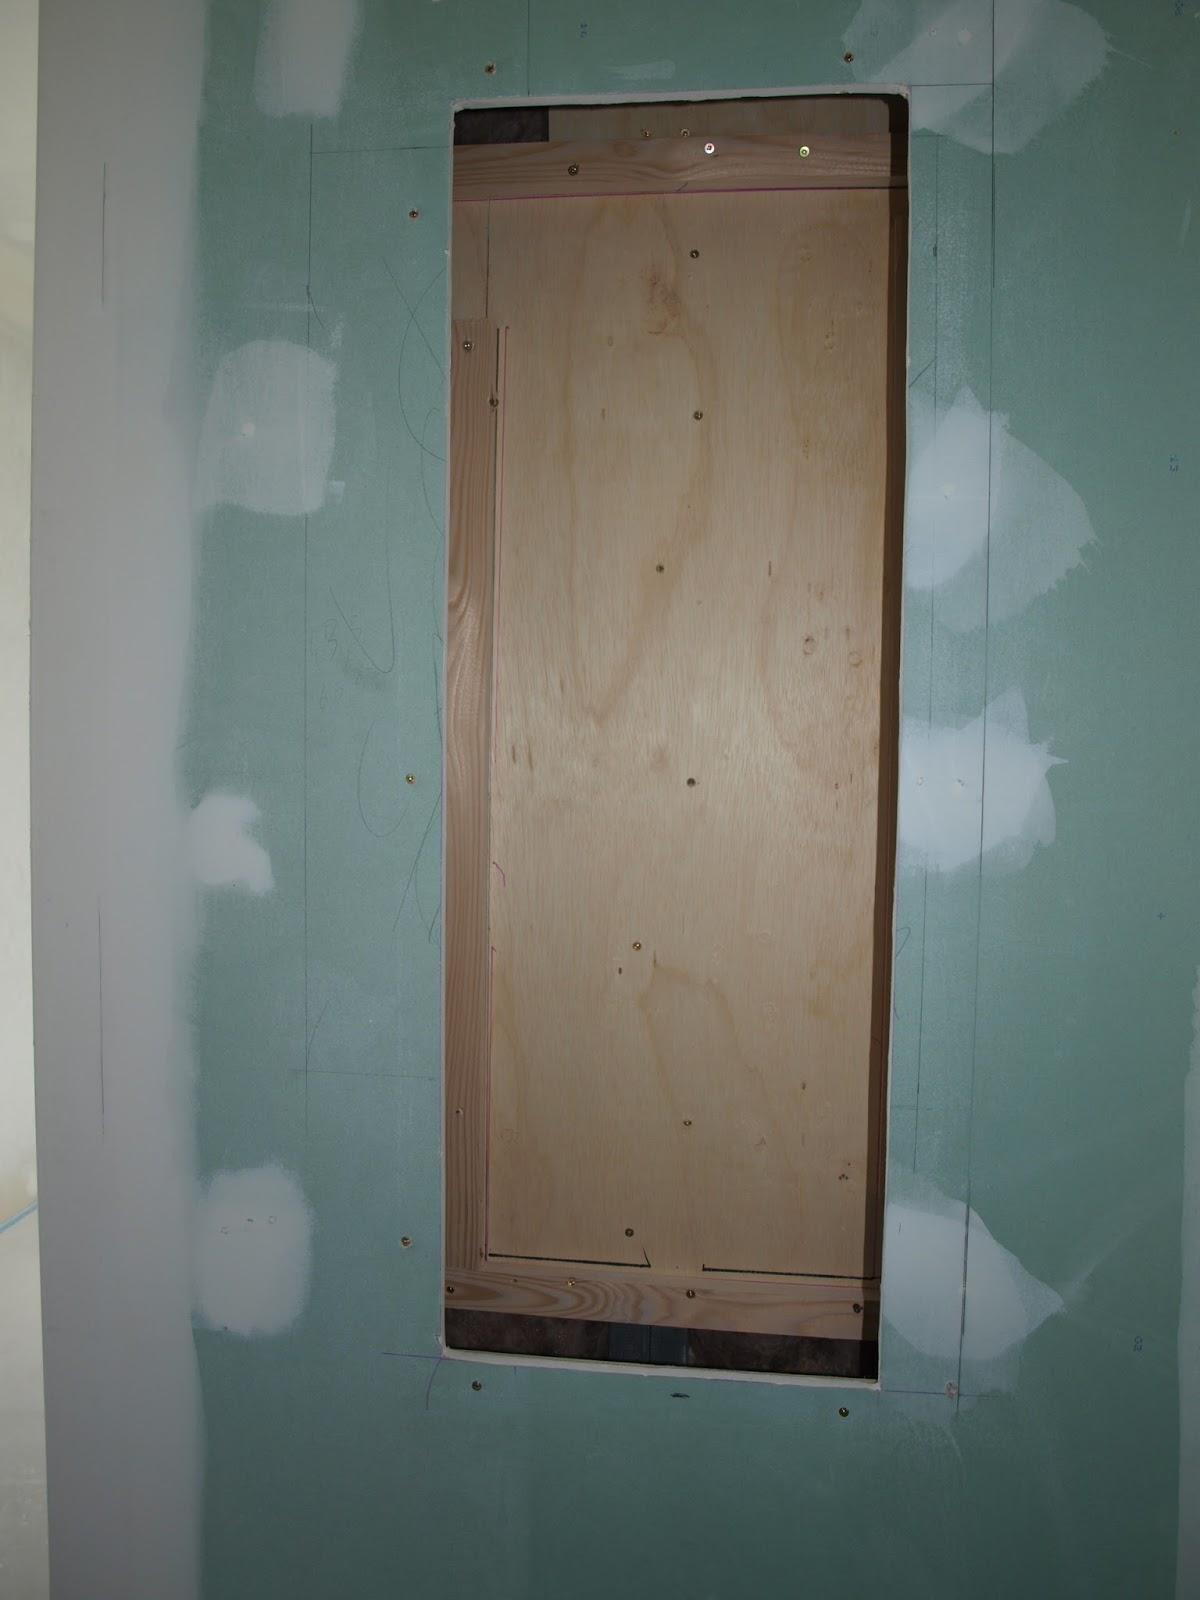 une niche dans la douche italienne de la suite parentale 4 murs 1 toit plat. Black Bedroom Furniture Sets. Home Design Ideas